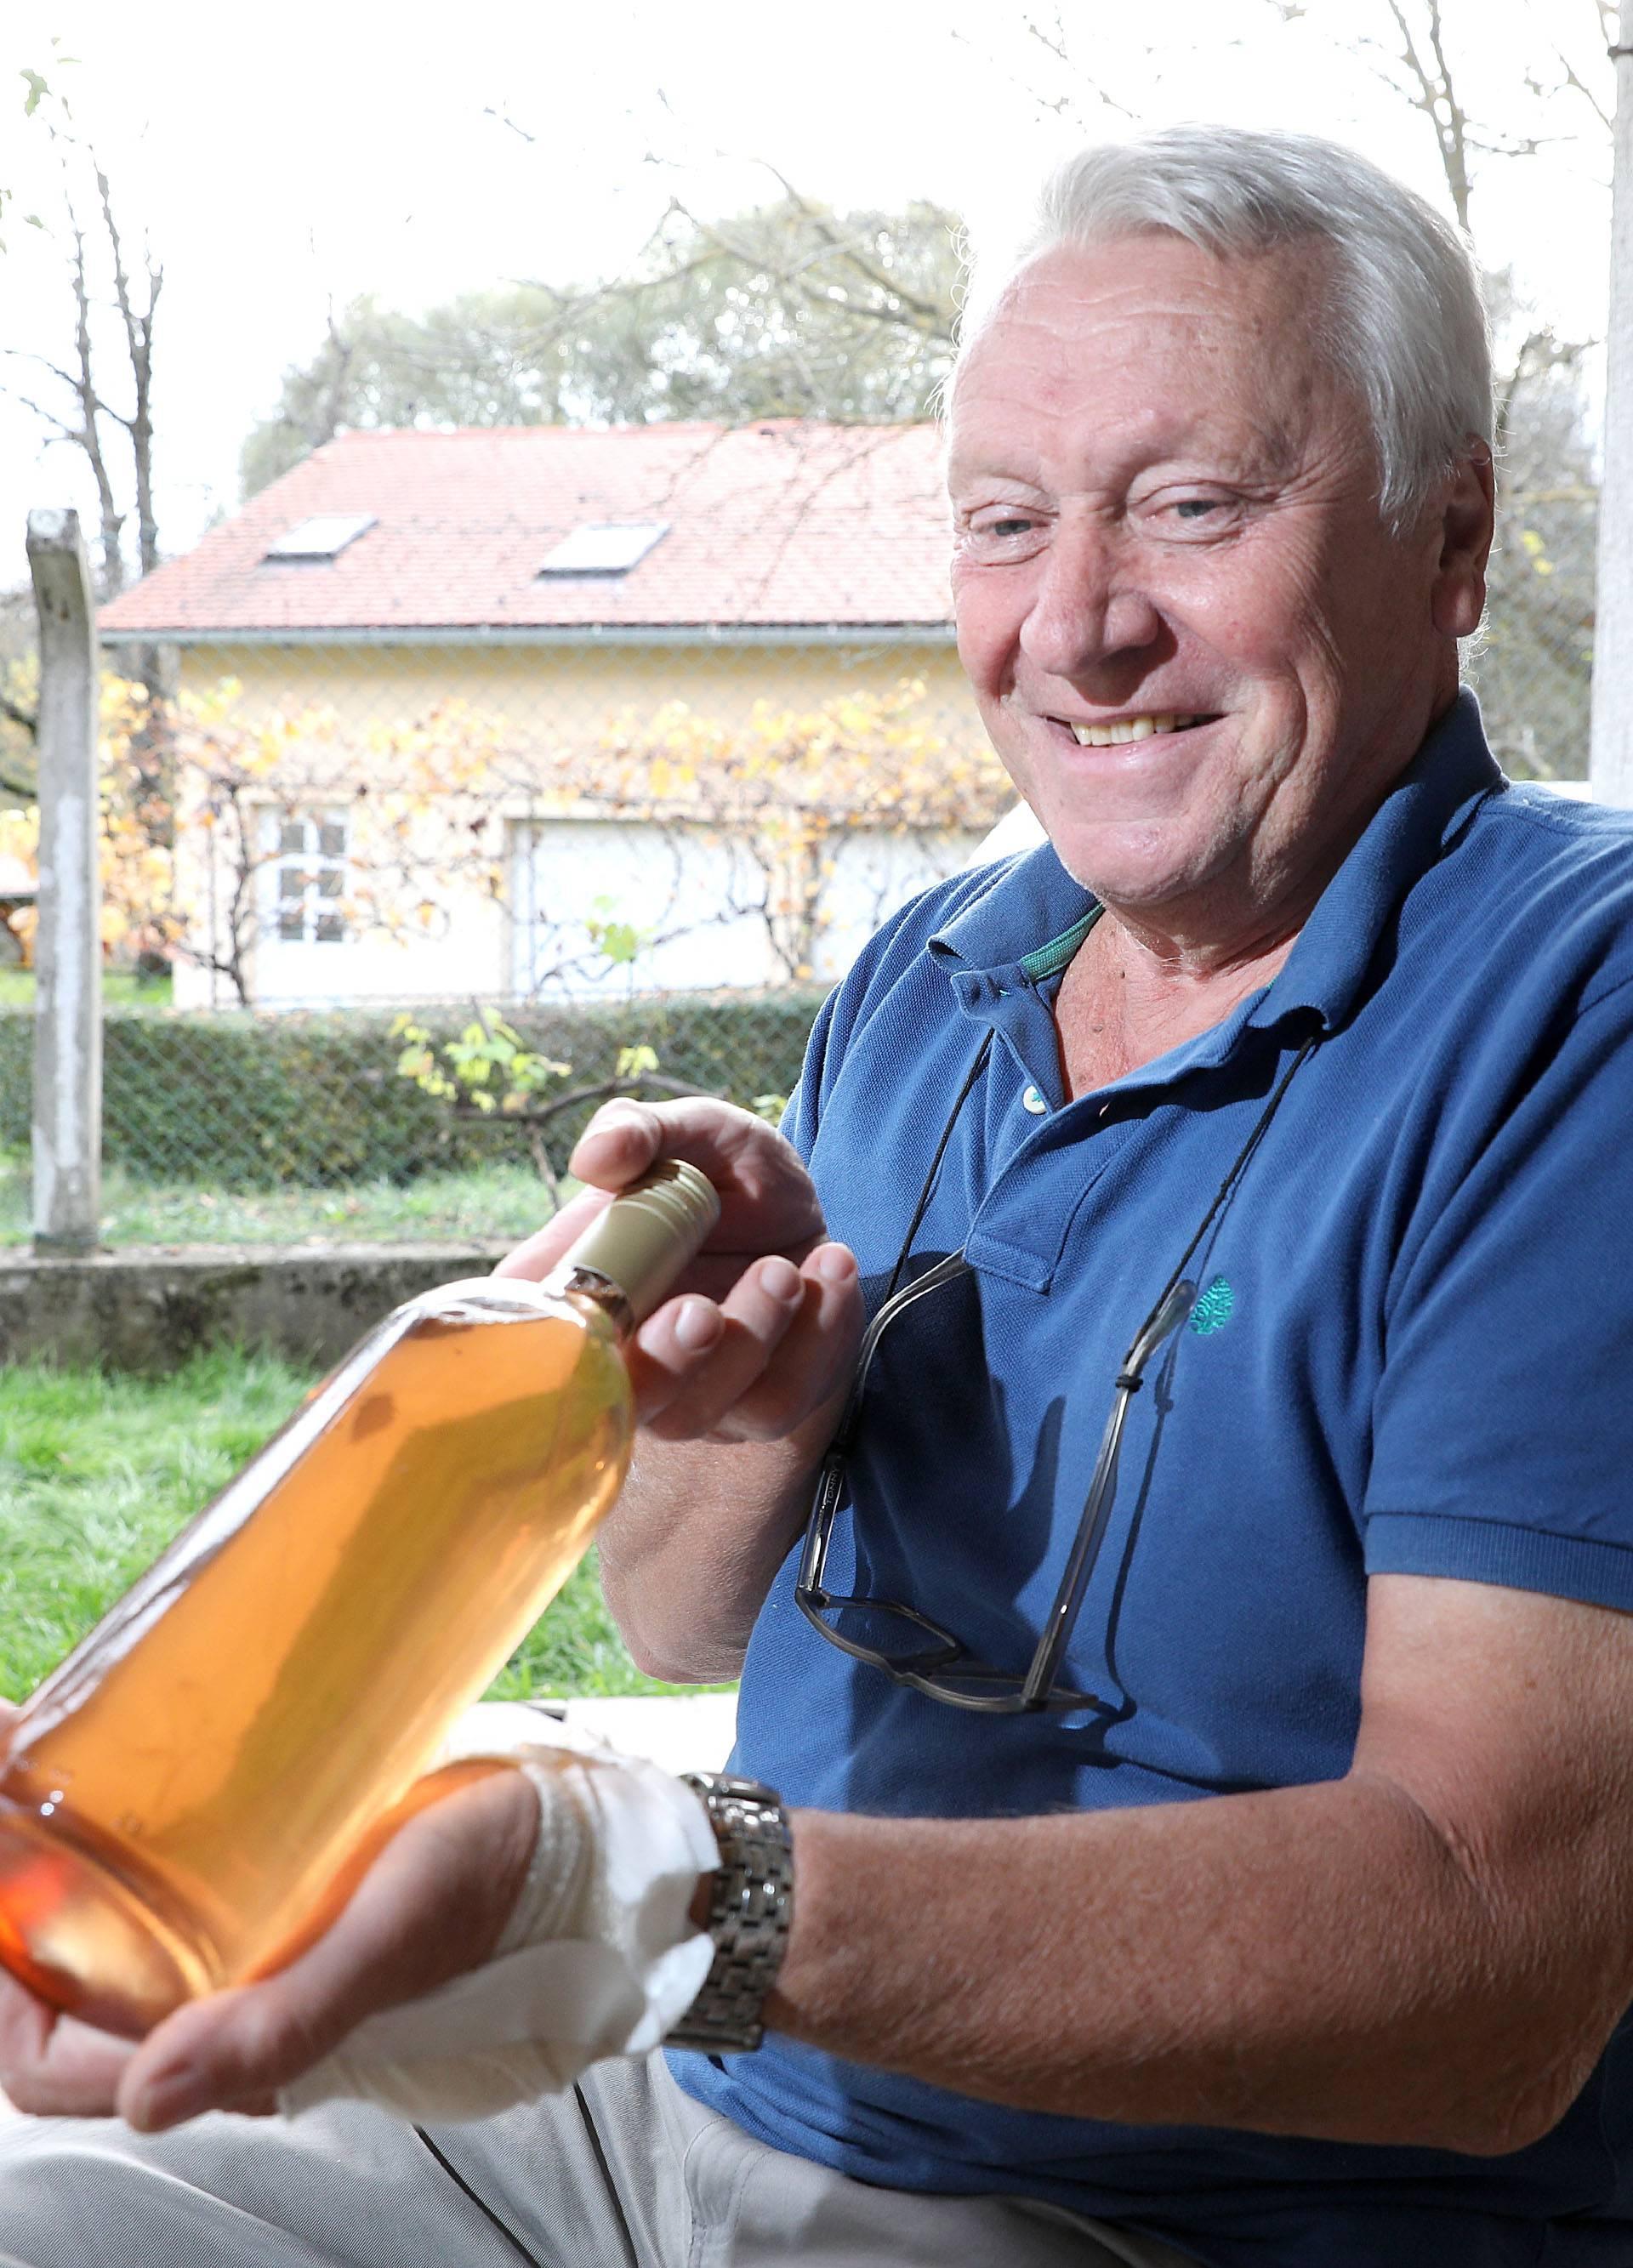 U Zagrebu proizvodi pjenušac i uzgaja kalifornijske pastrve...